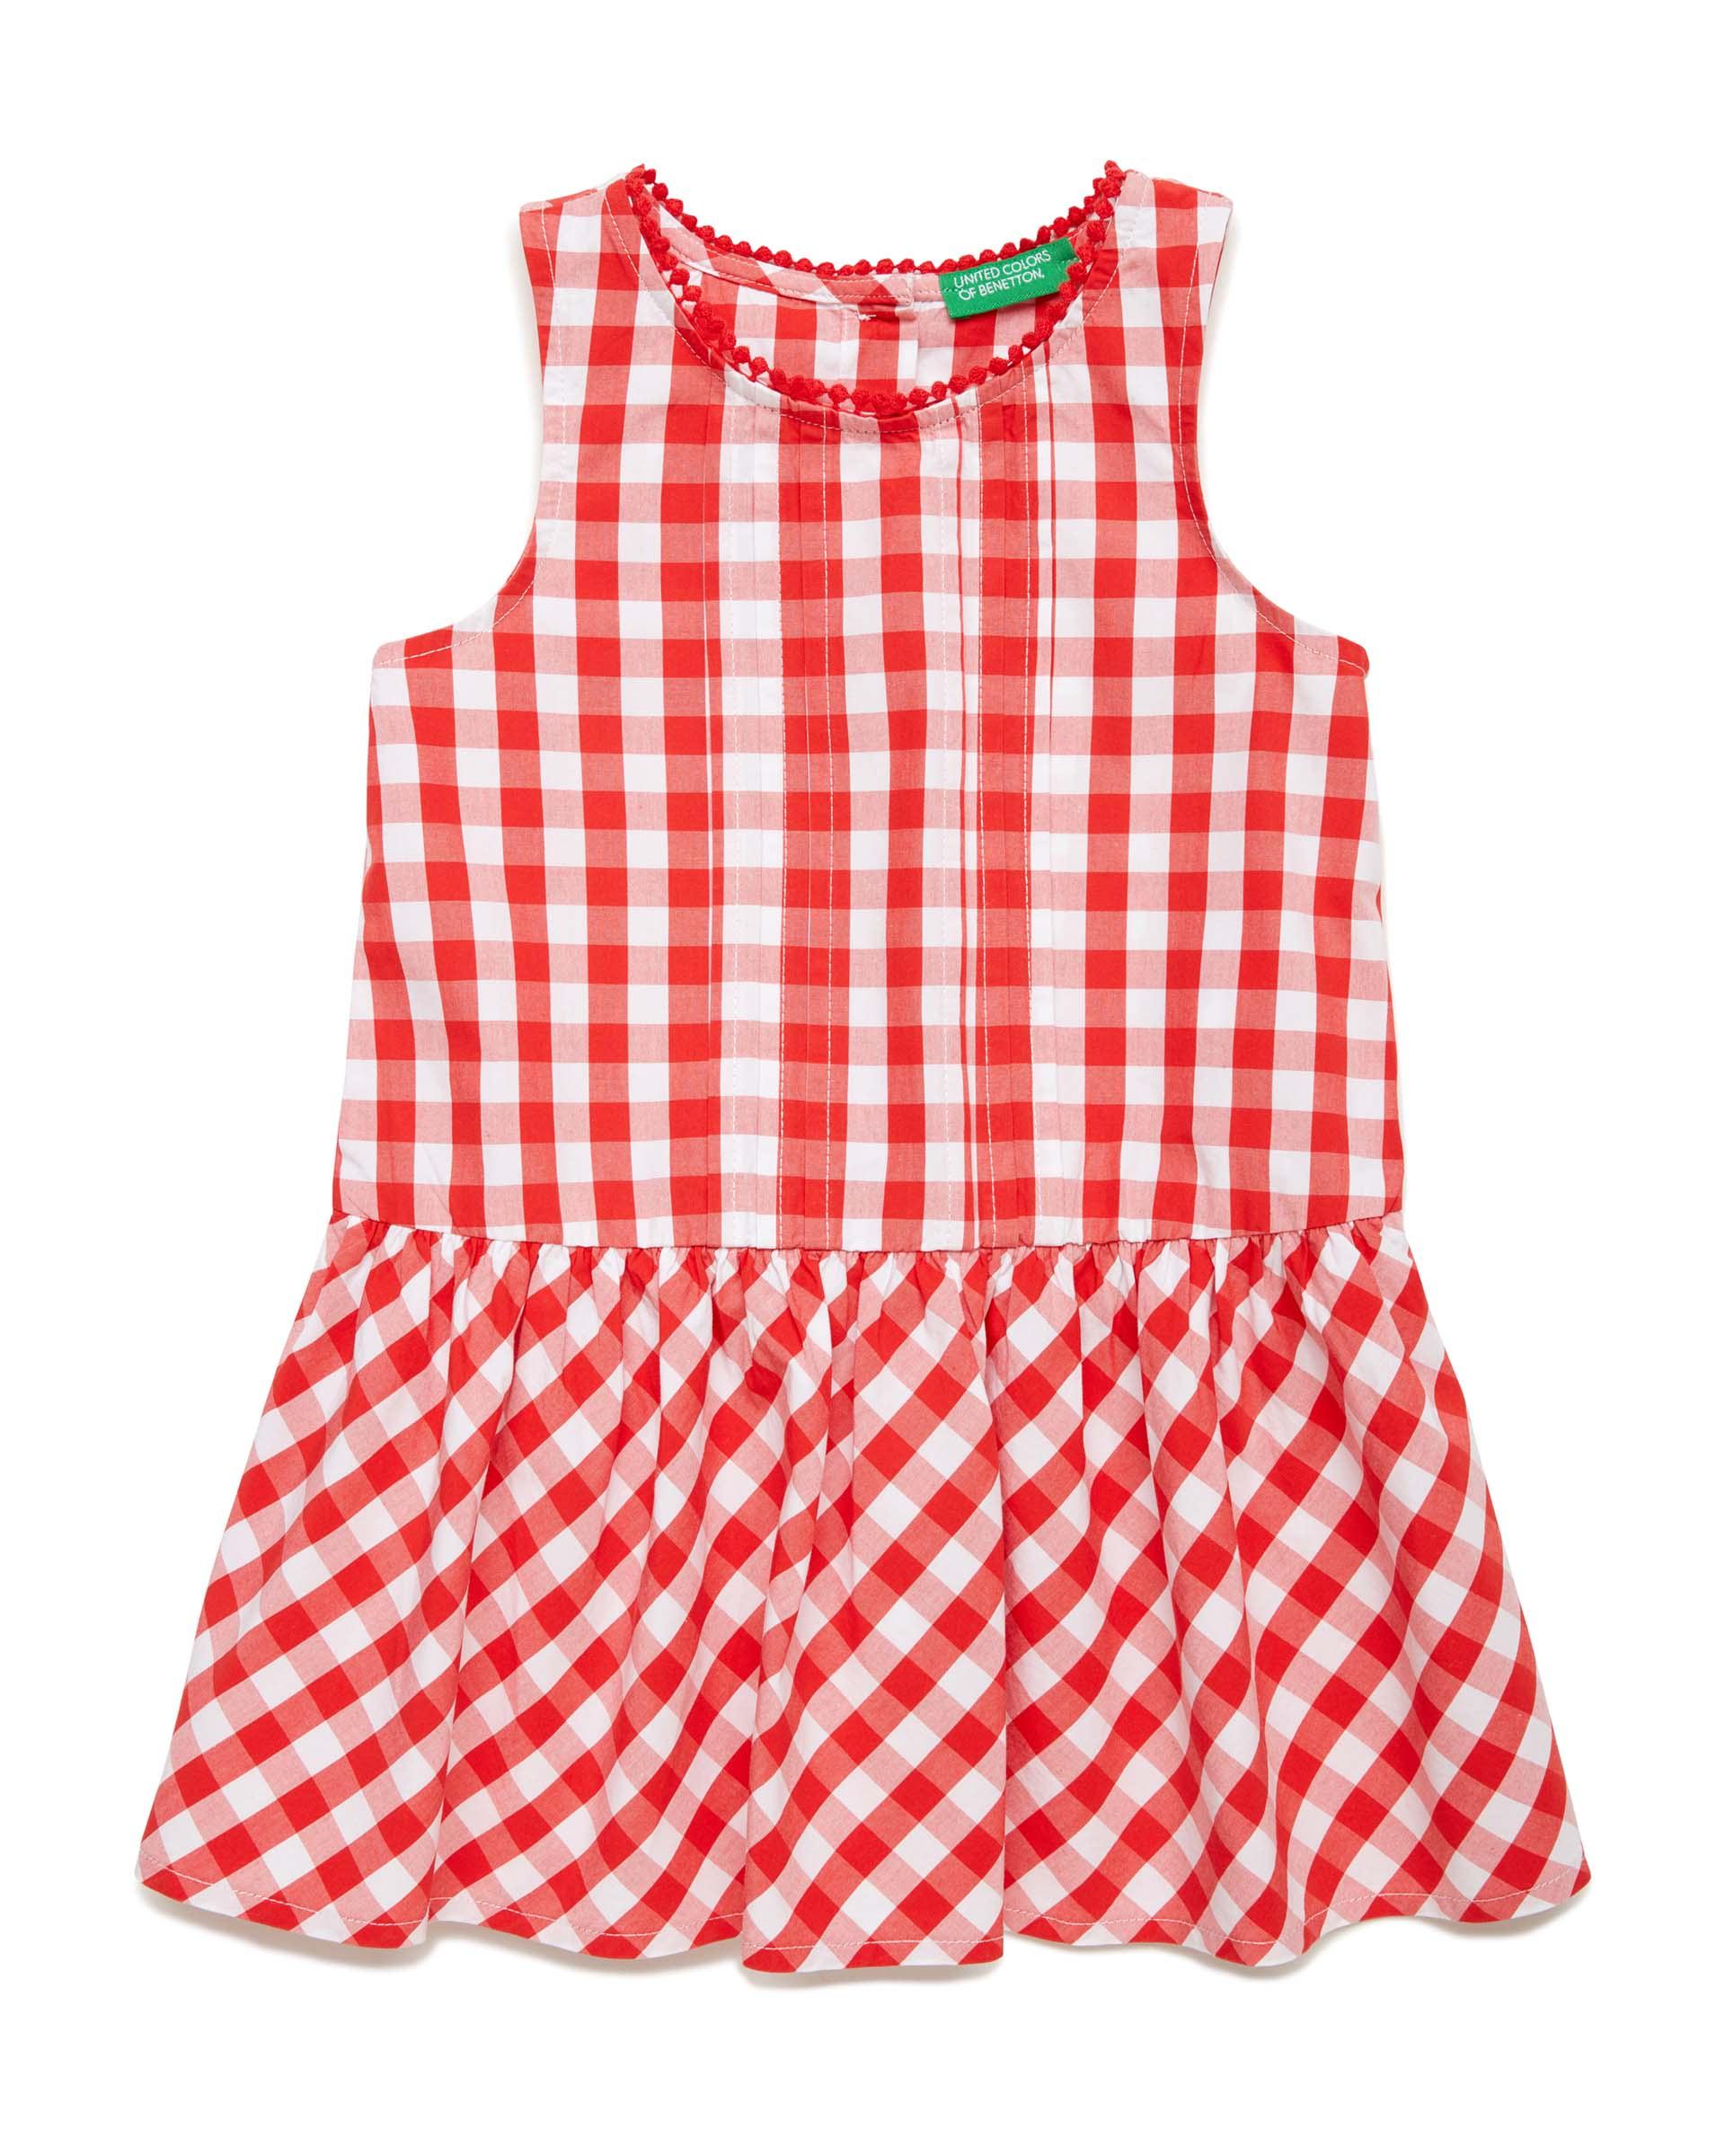 Купить 20P_4OT75V2LP_931, Платье для девочек Benetton 4OT75V2LP_931 р-р 80, United Colors of Benetton, Платья для новорожденных